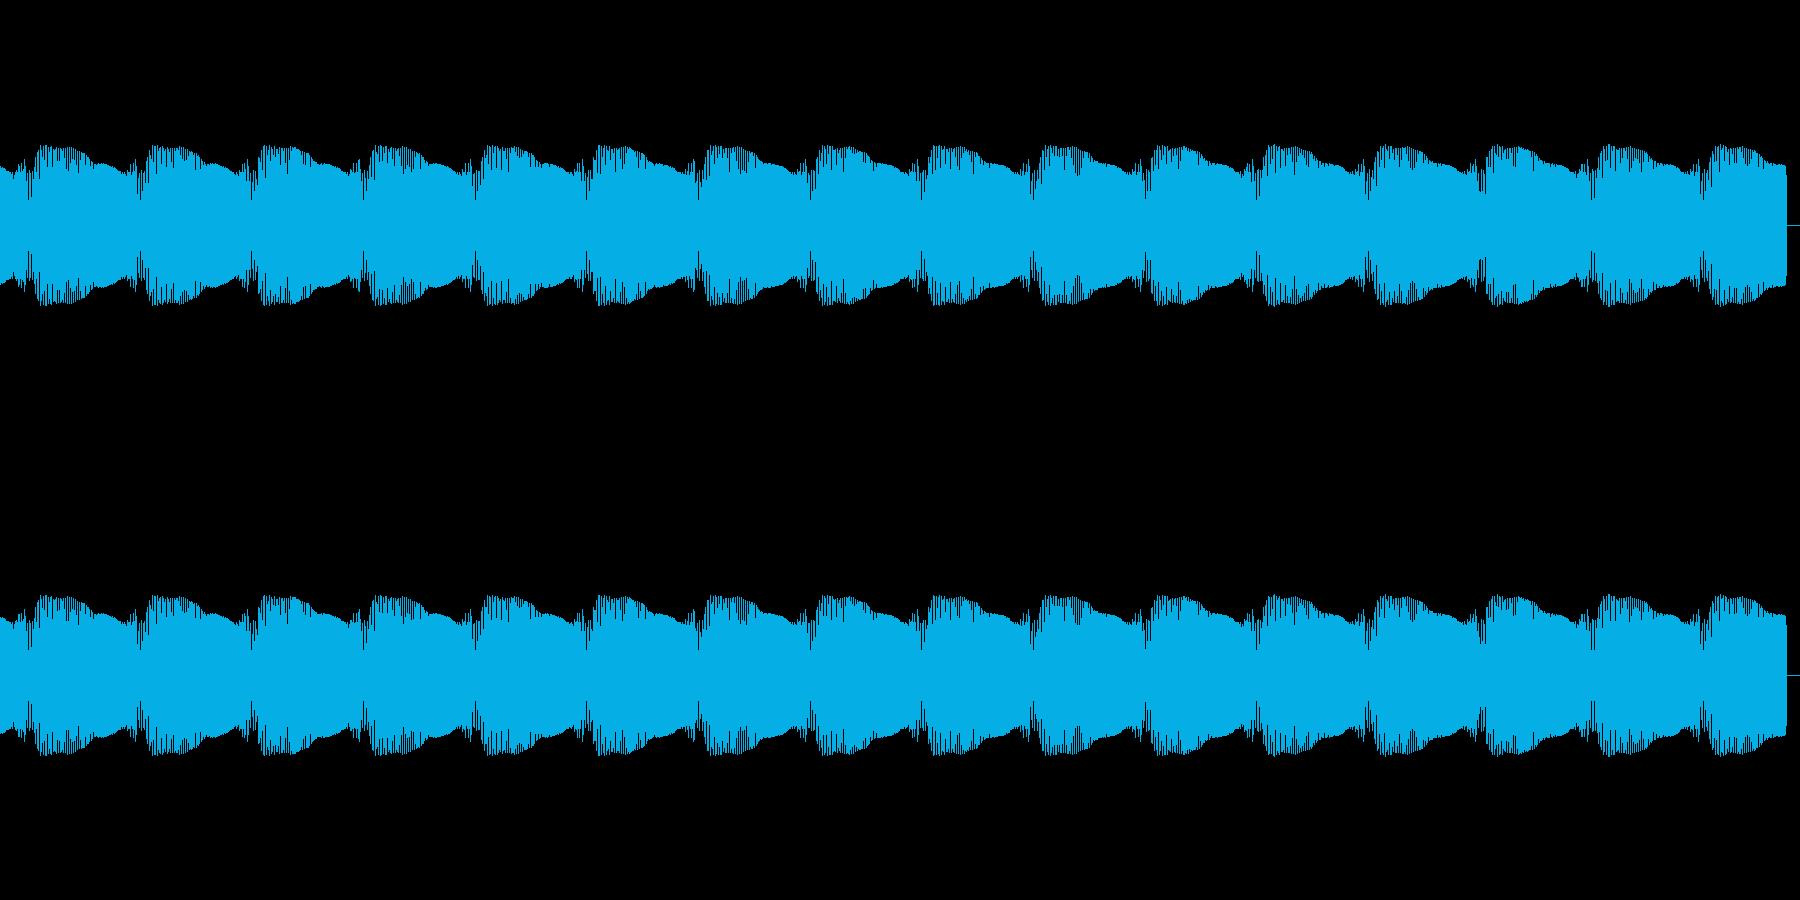 【ポップモーション08-8L】の再生済みの波形